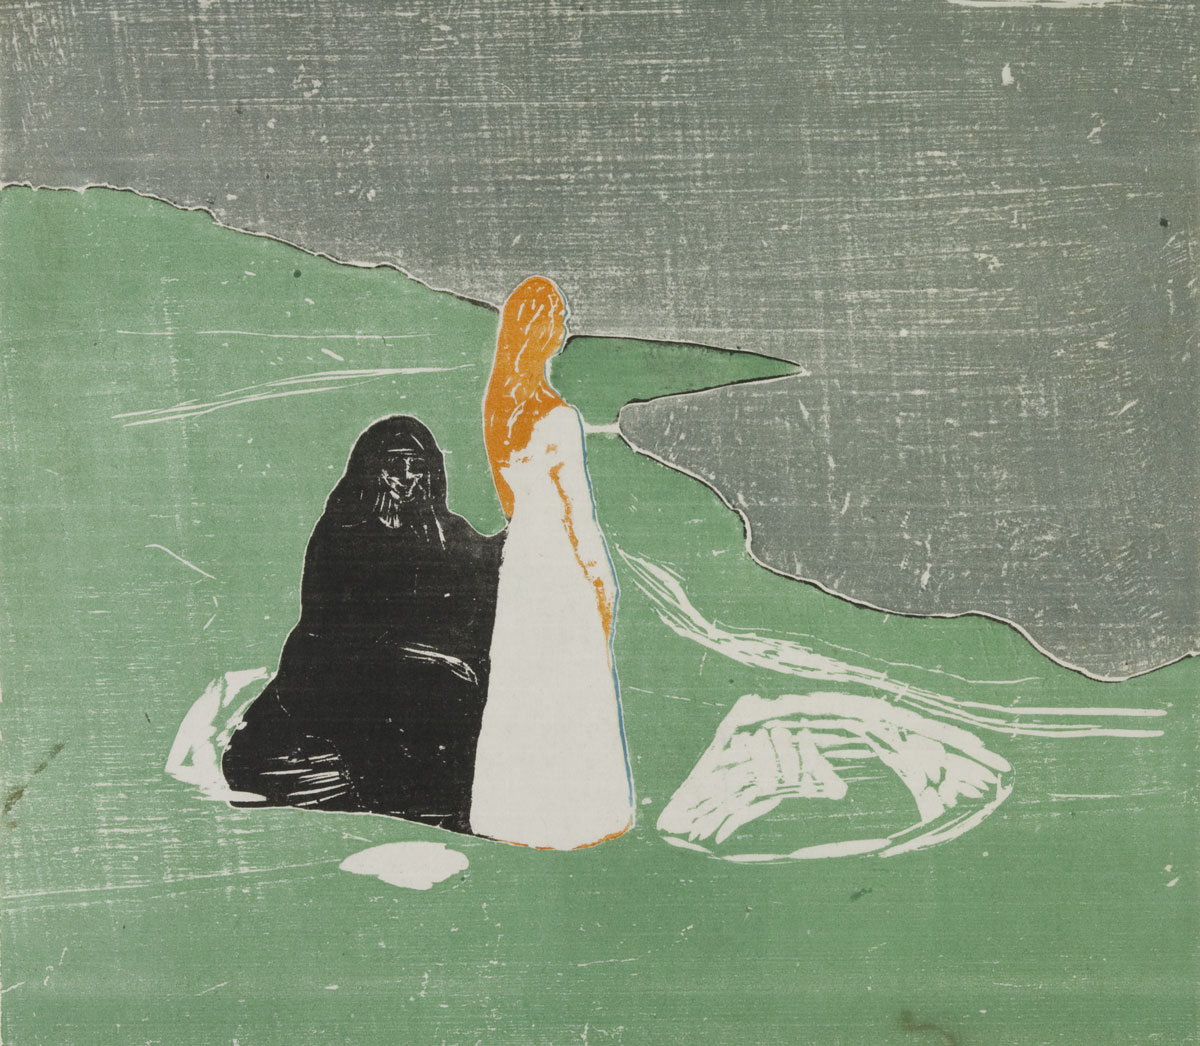 Эдвард Мунк Крик, 1893 Картон, пастель. Первый вариант композиции Музей Мунка (Осло, Норвегия)